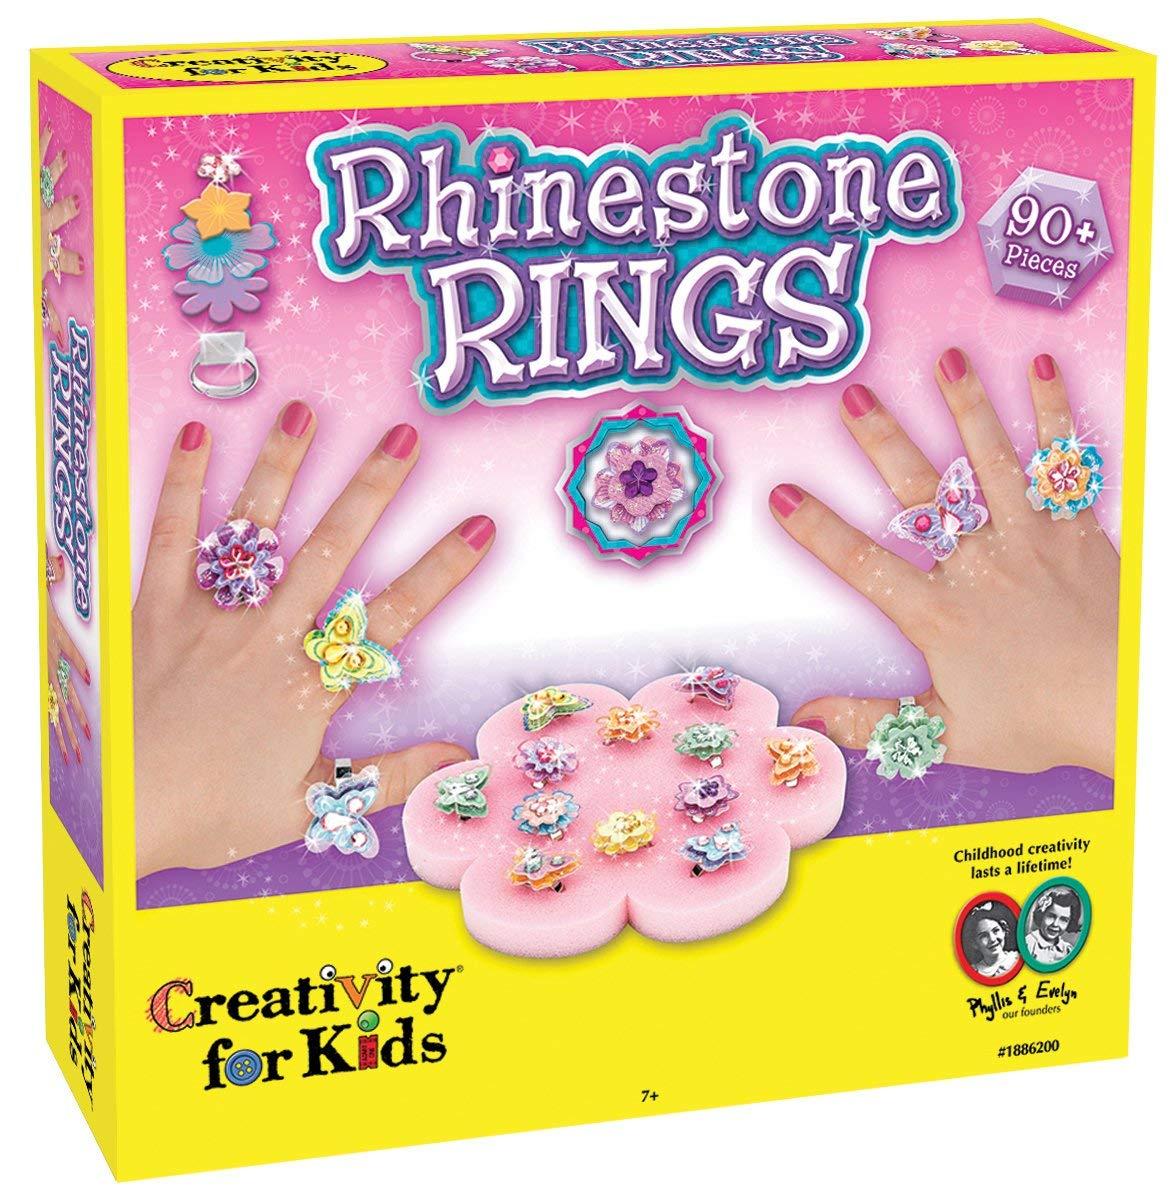 Rhinestone ring making kit